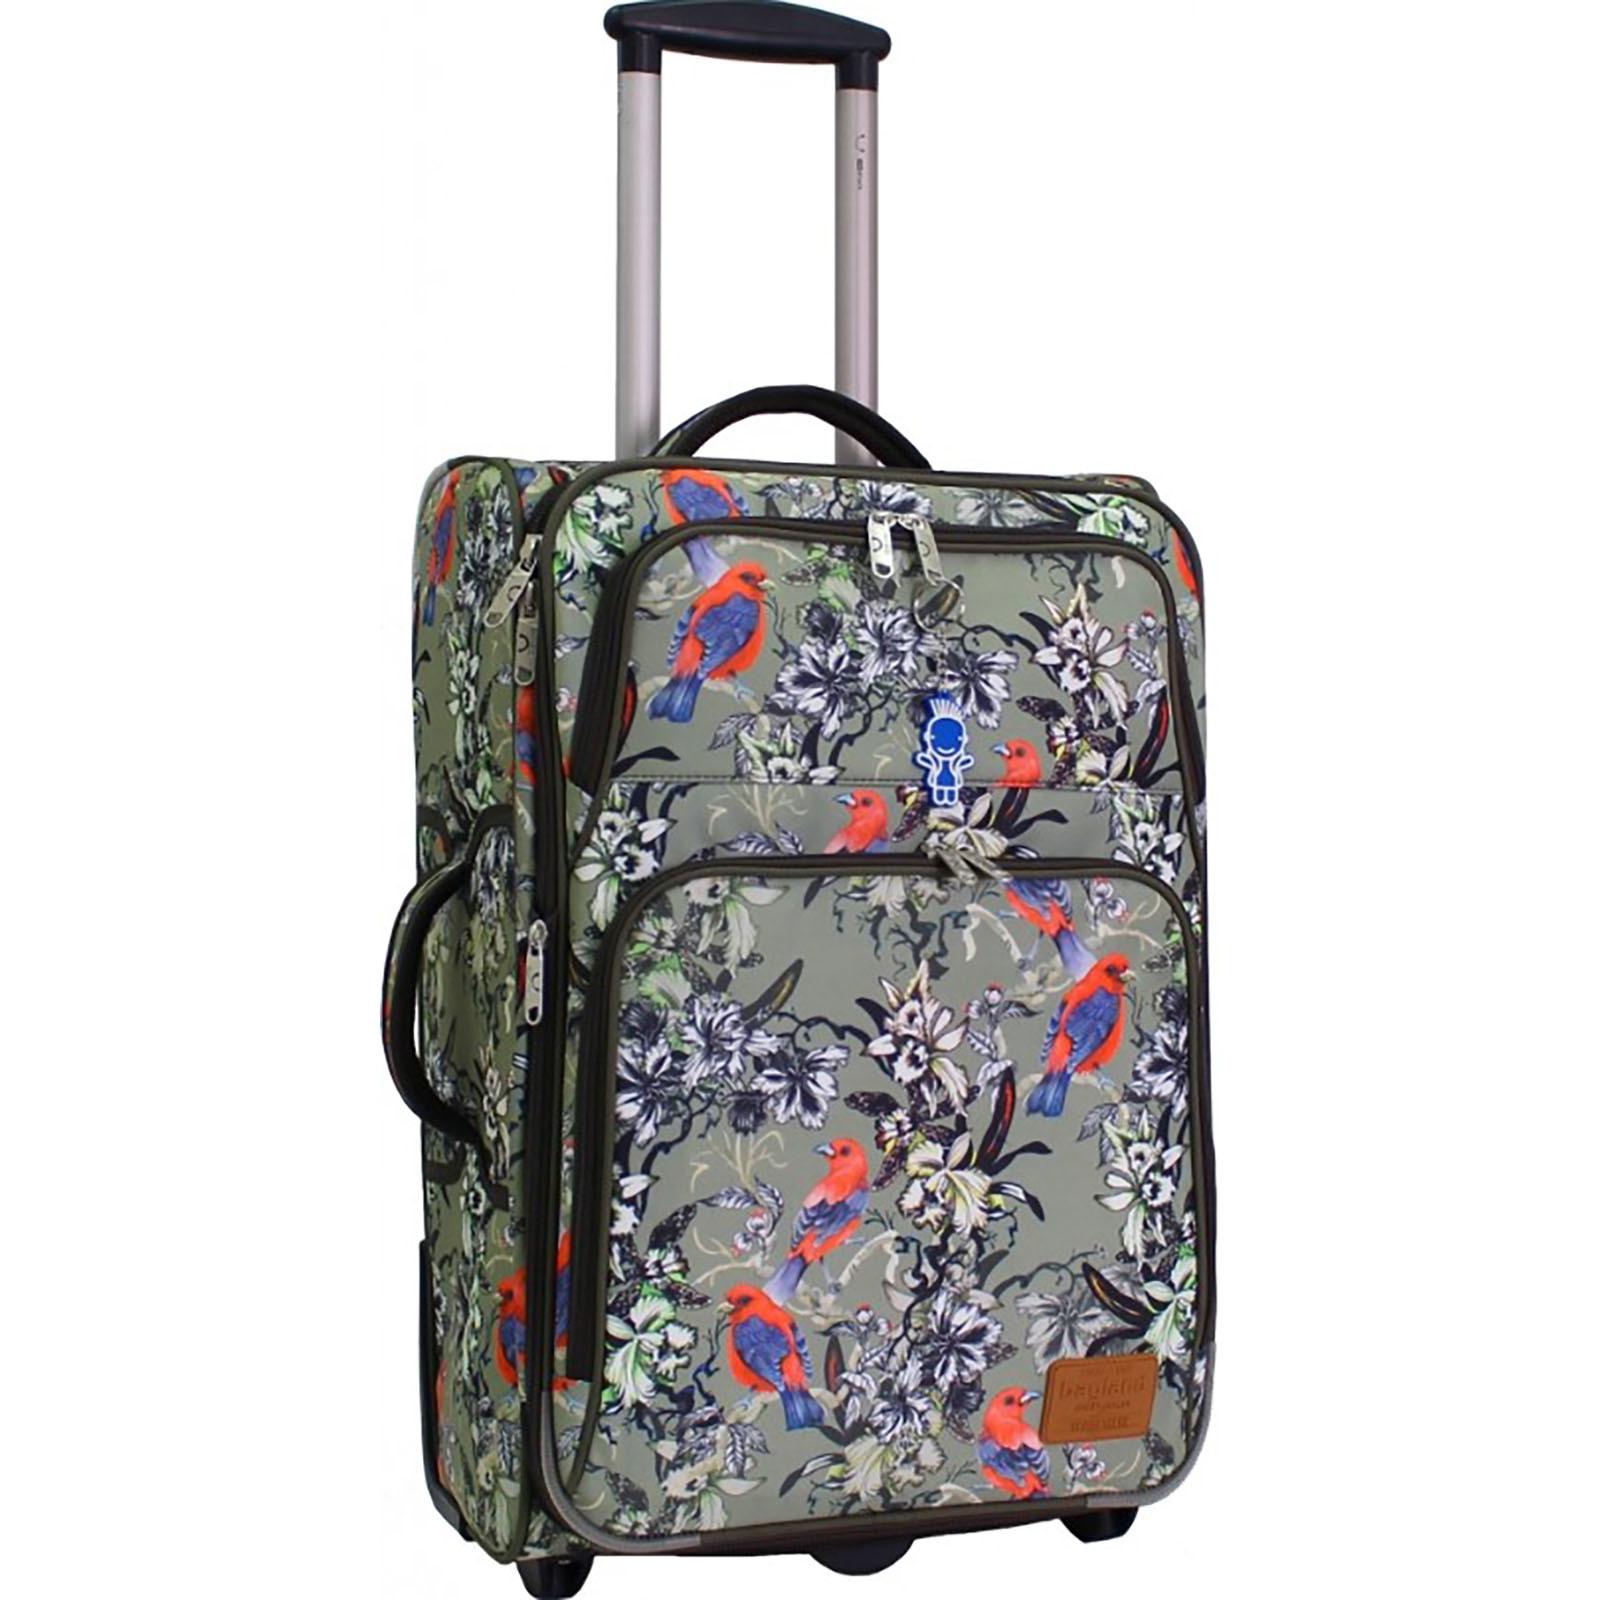 Дорожные чемоданы Чемодан Bagland Леон средний дизайн 51 л. сублімація 178 (0037666244) Screenshot_1.jpg